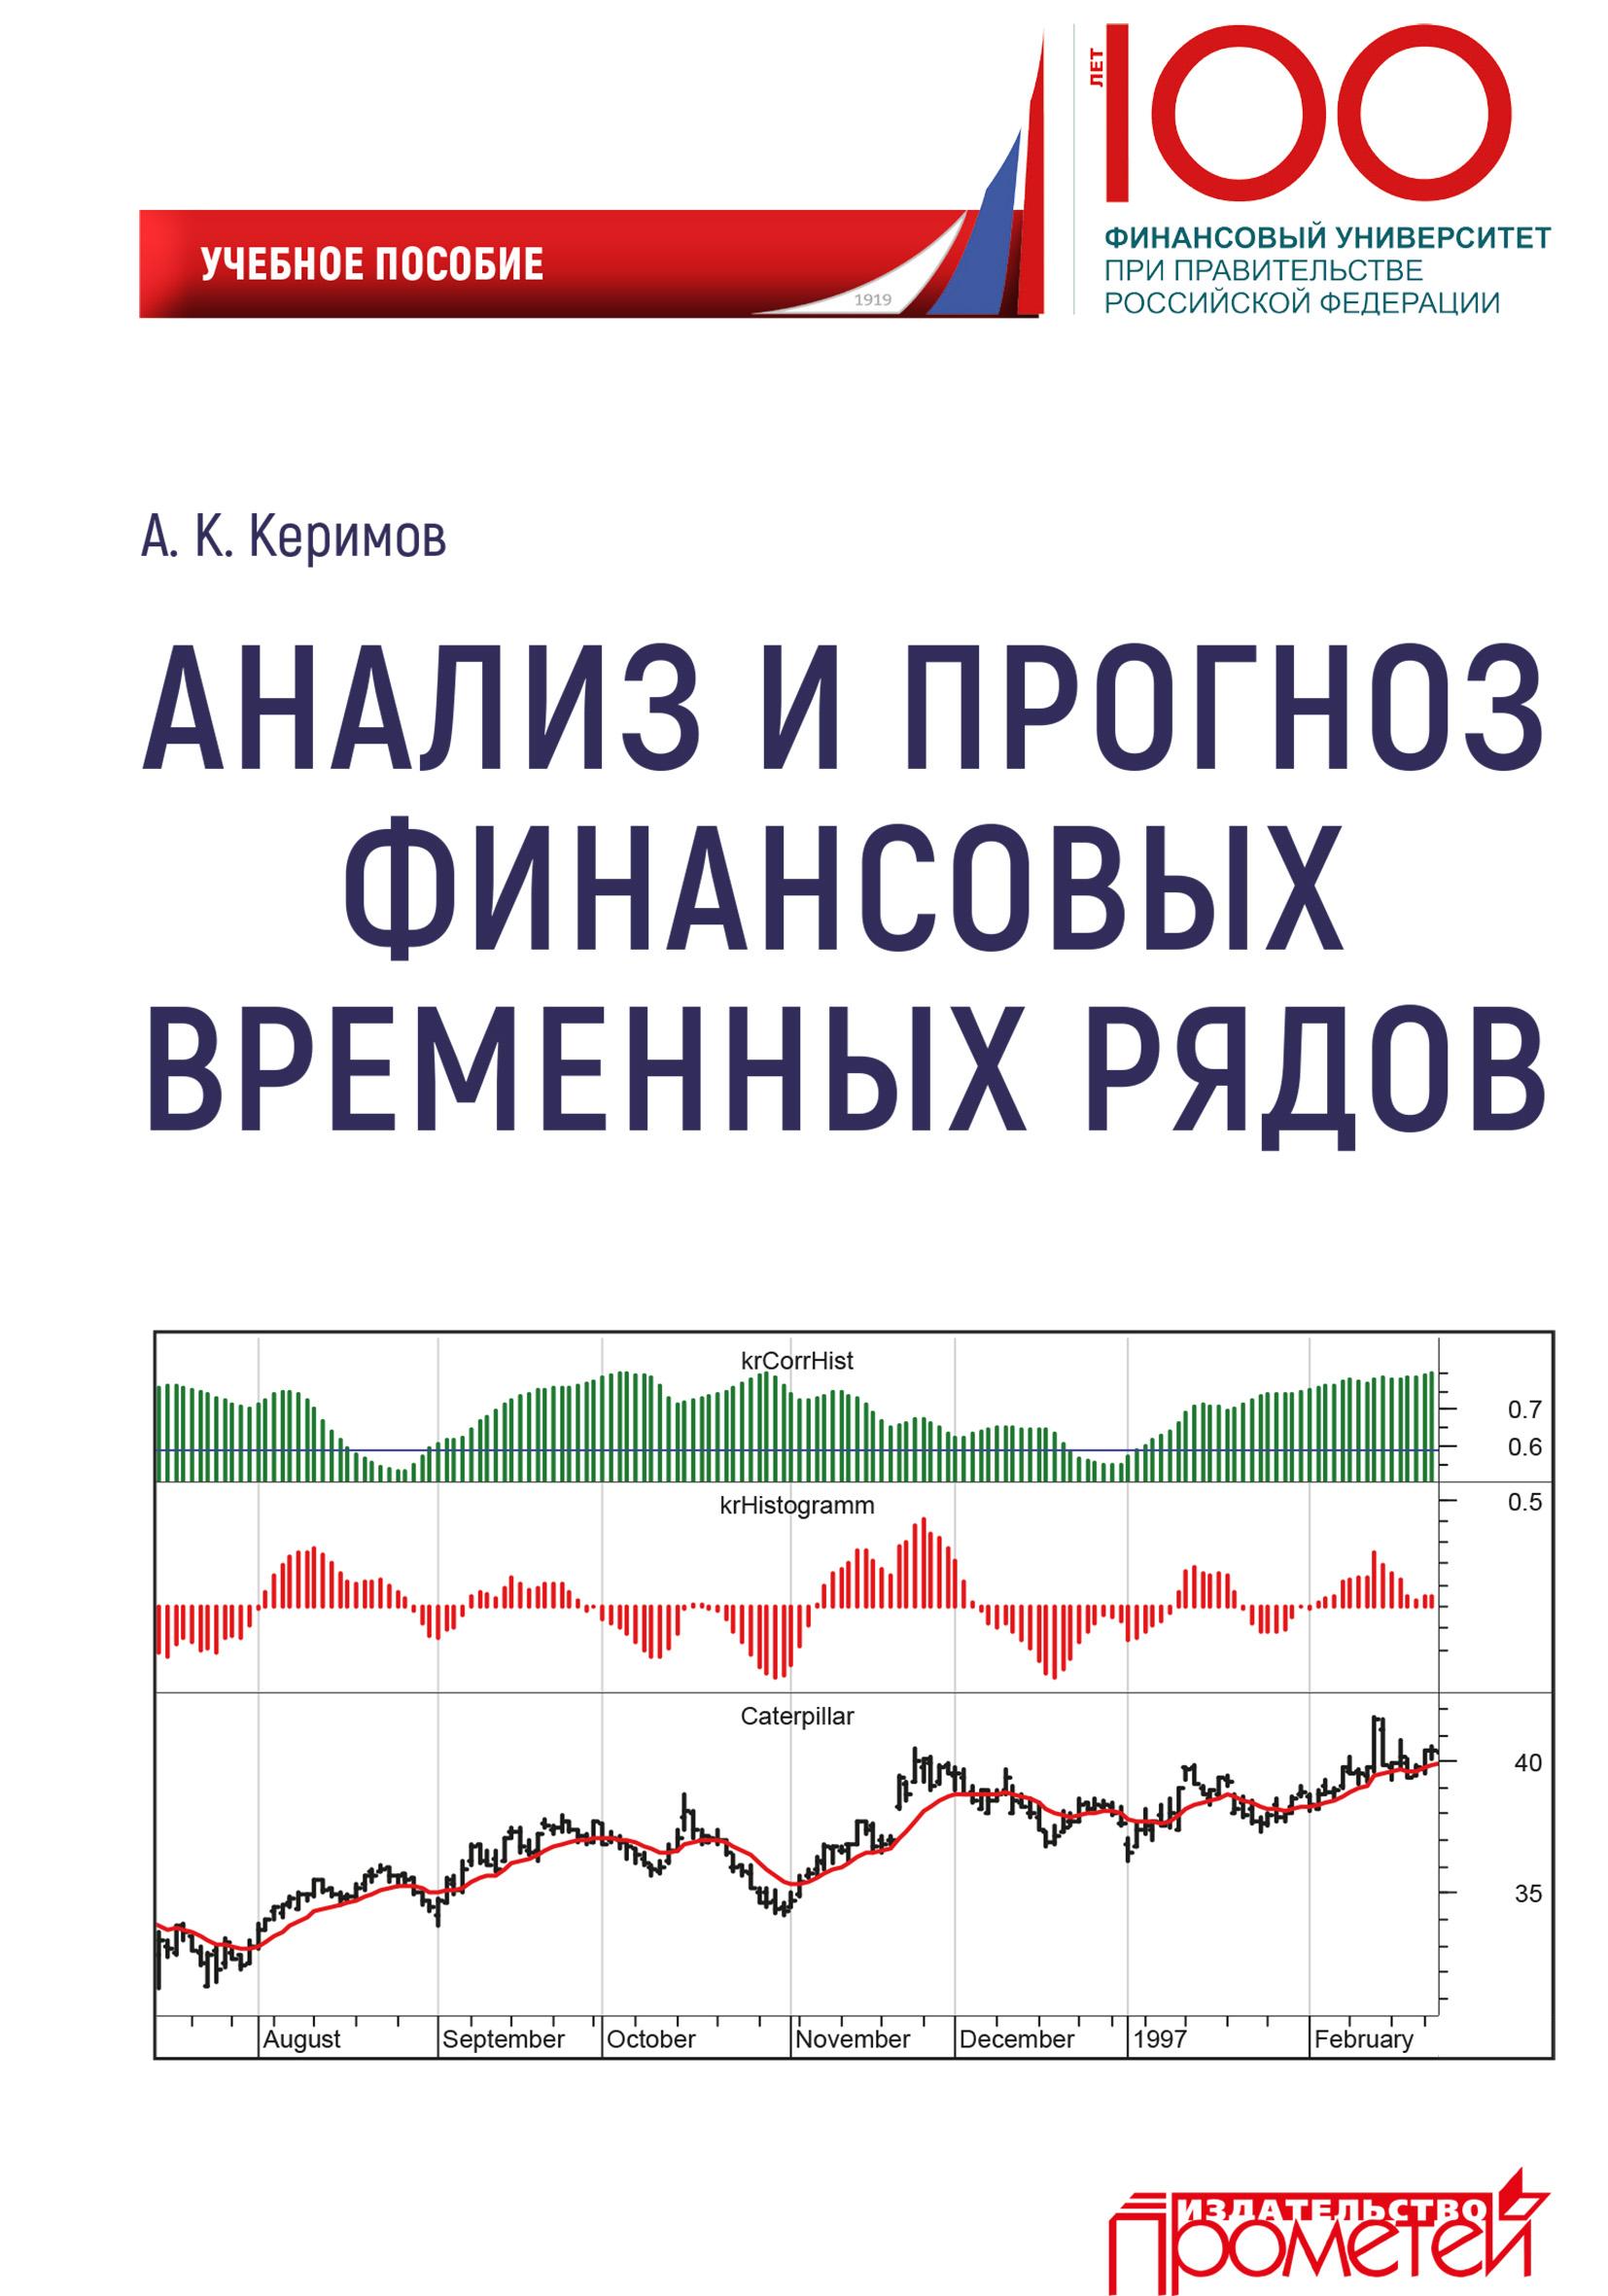 Александр Керимов Анализ и прогноз финансовых временных рядов д е намиот базы данных временных рядов в системах интернета вещей